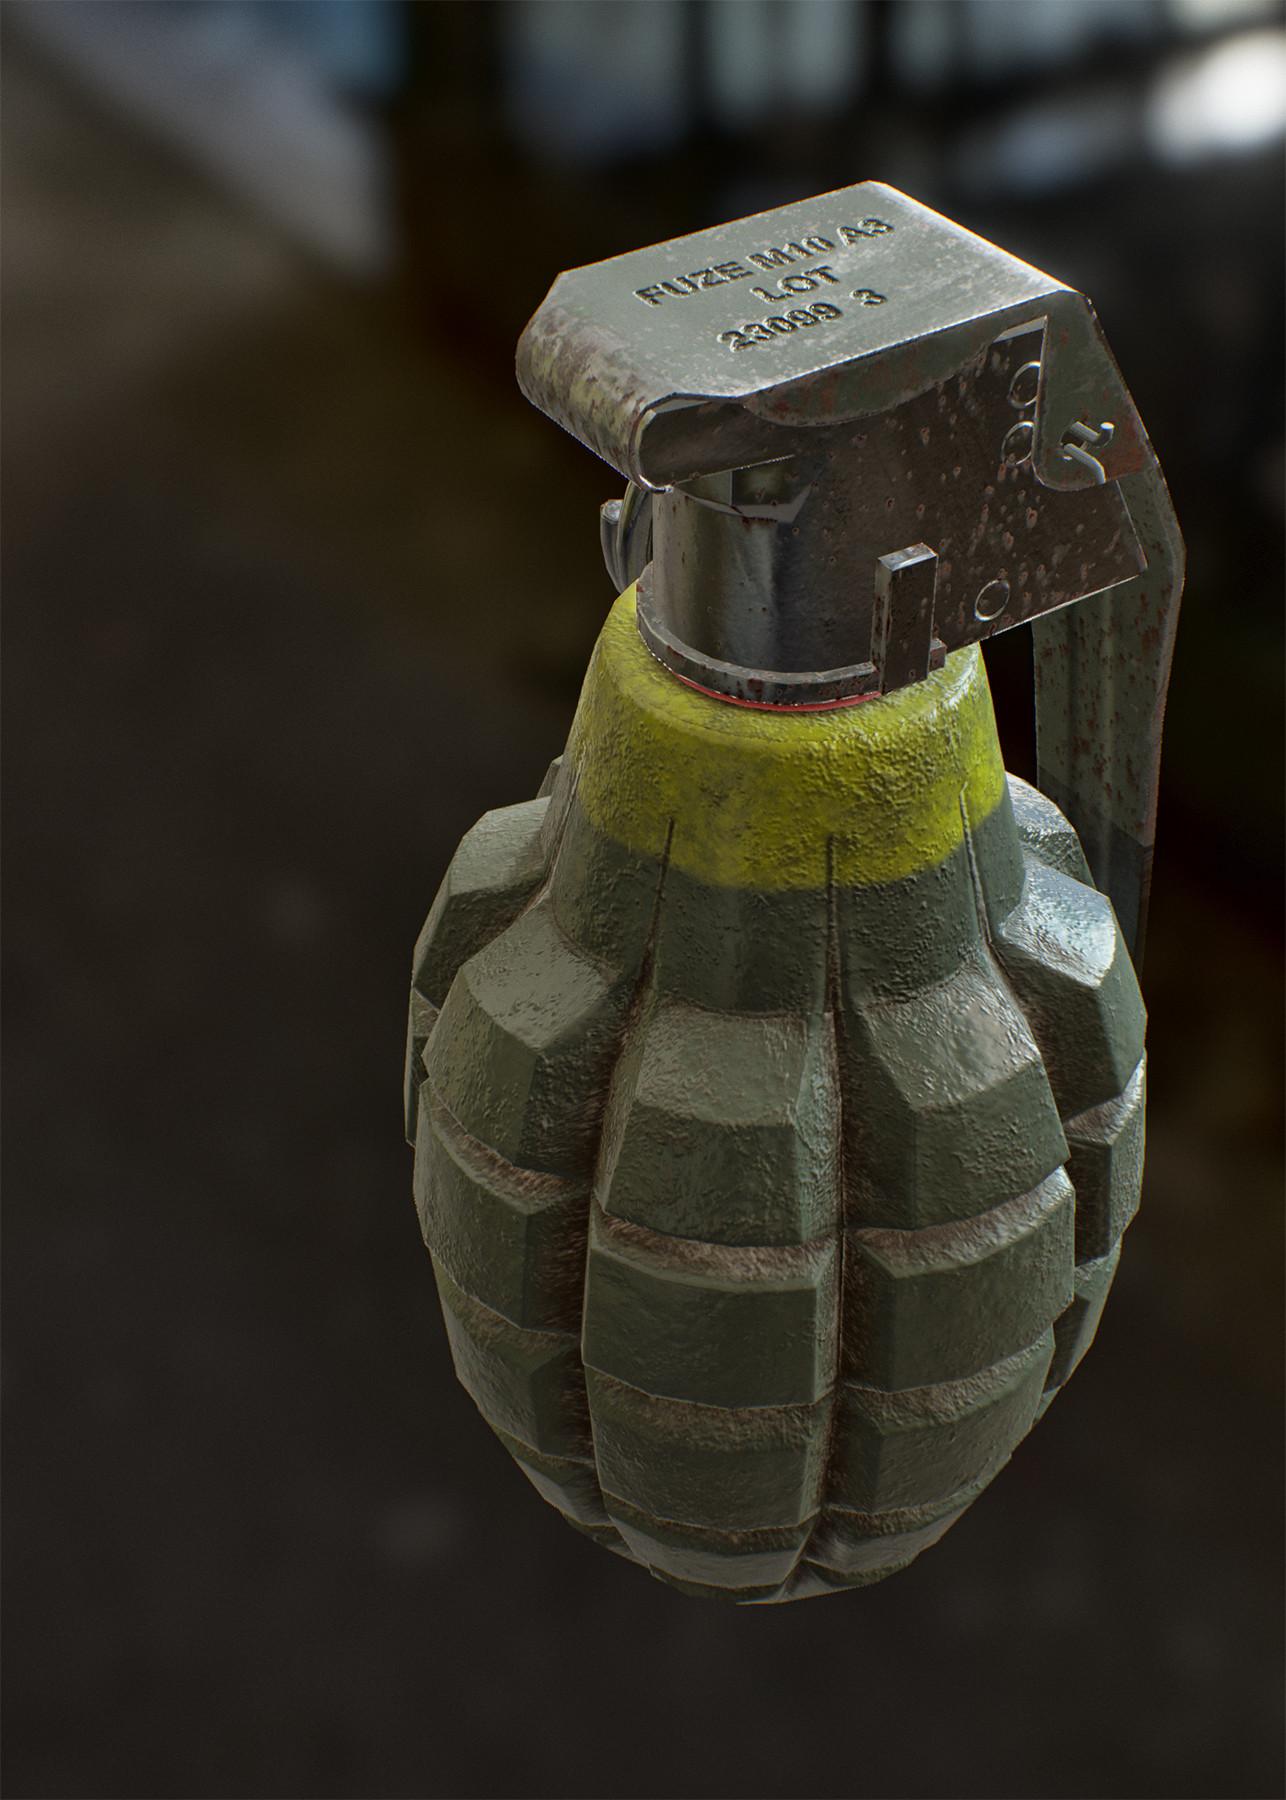 Daniel ketterman grenade3